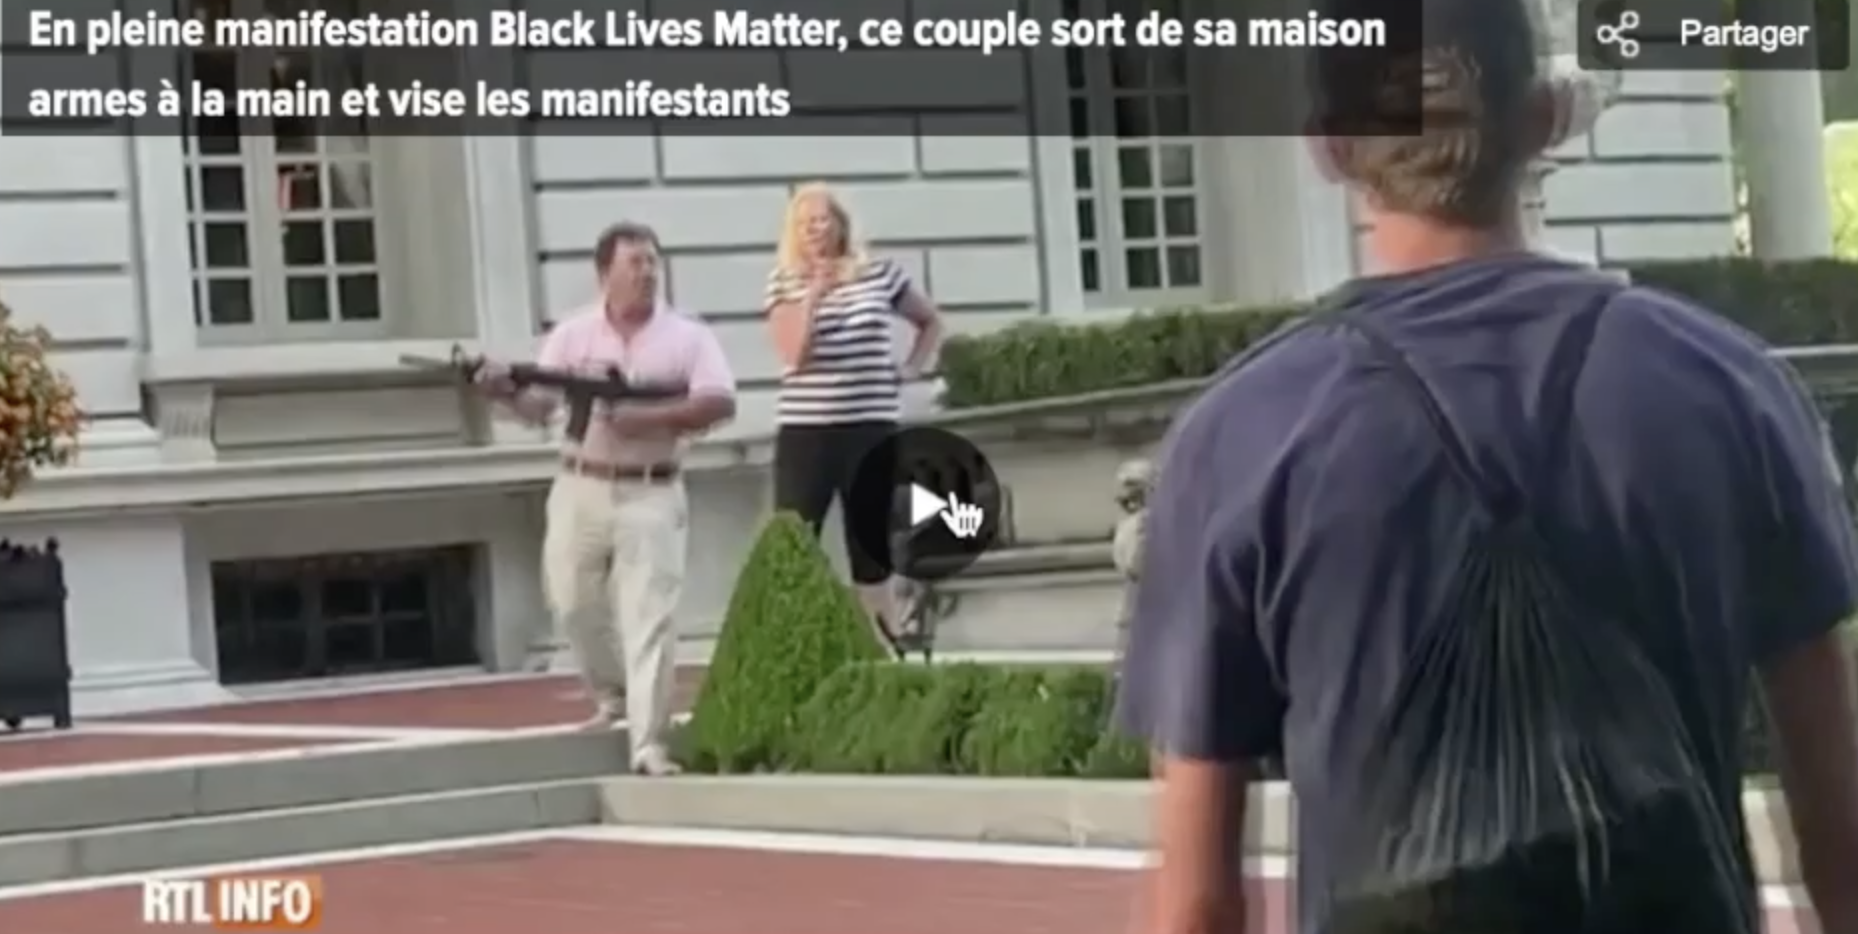 Etats-Unis : des Blancs ont peur d'une manif BLM… et sortent les armes